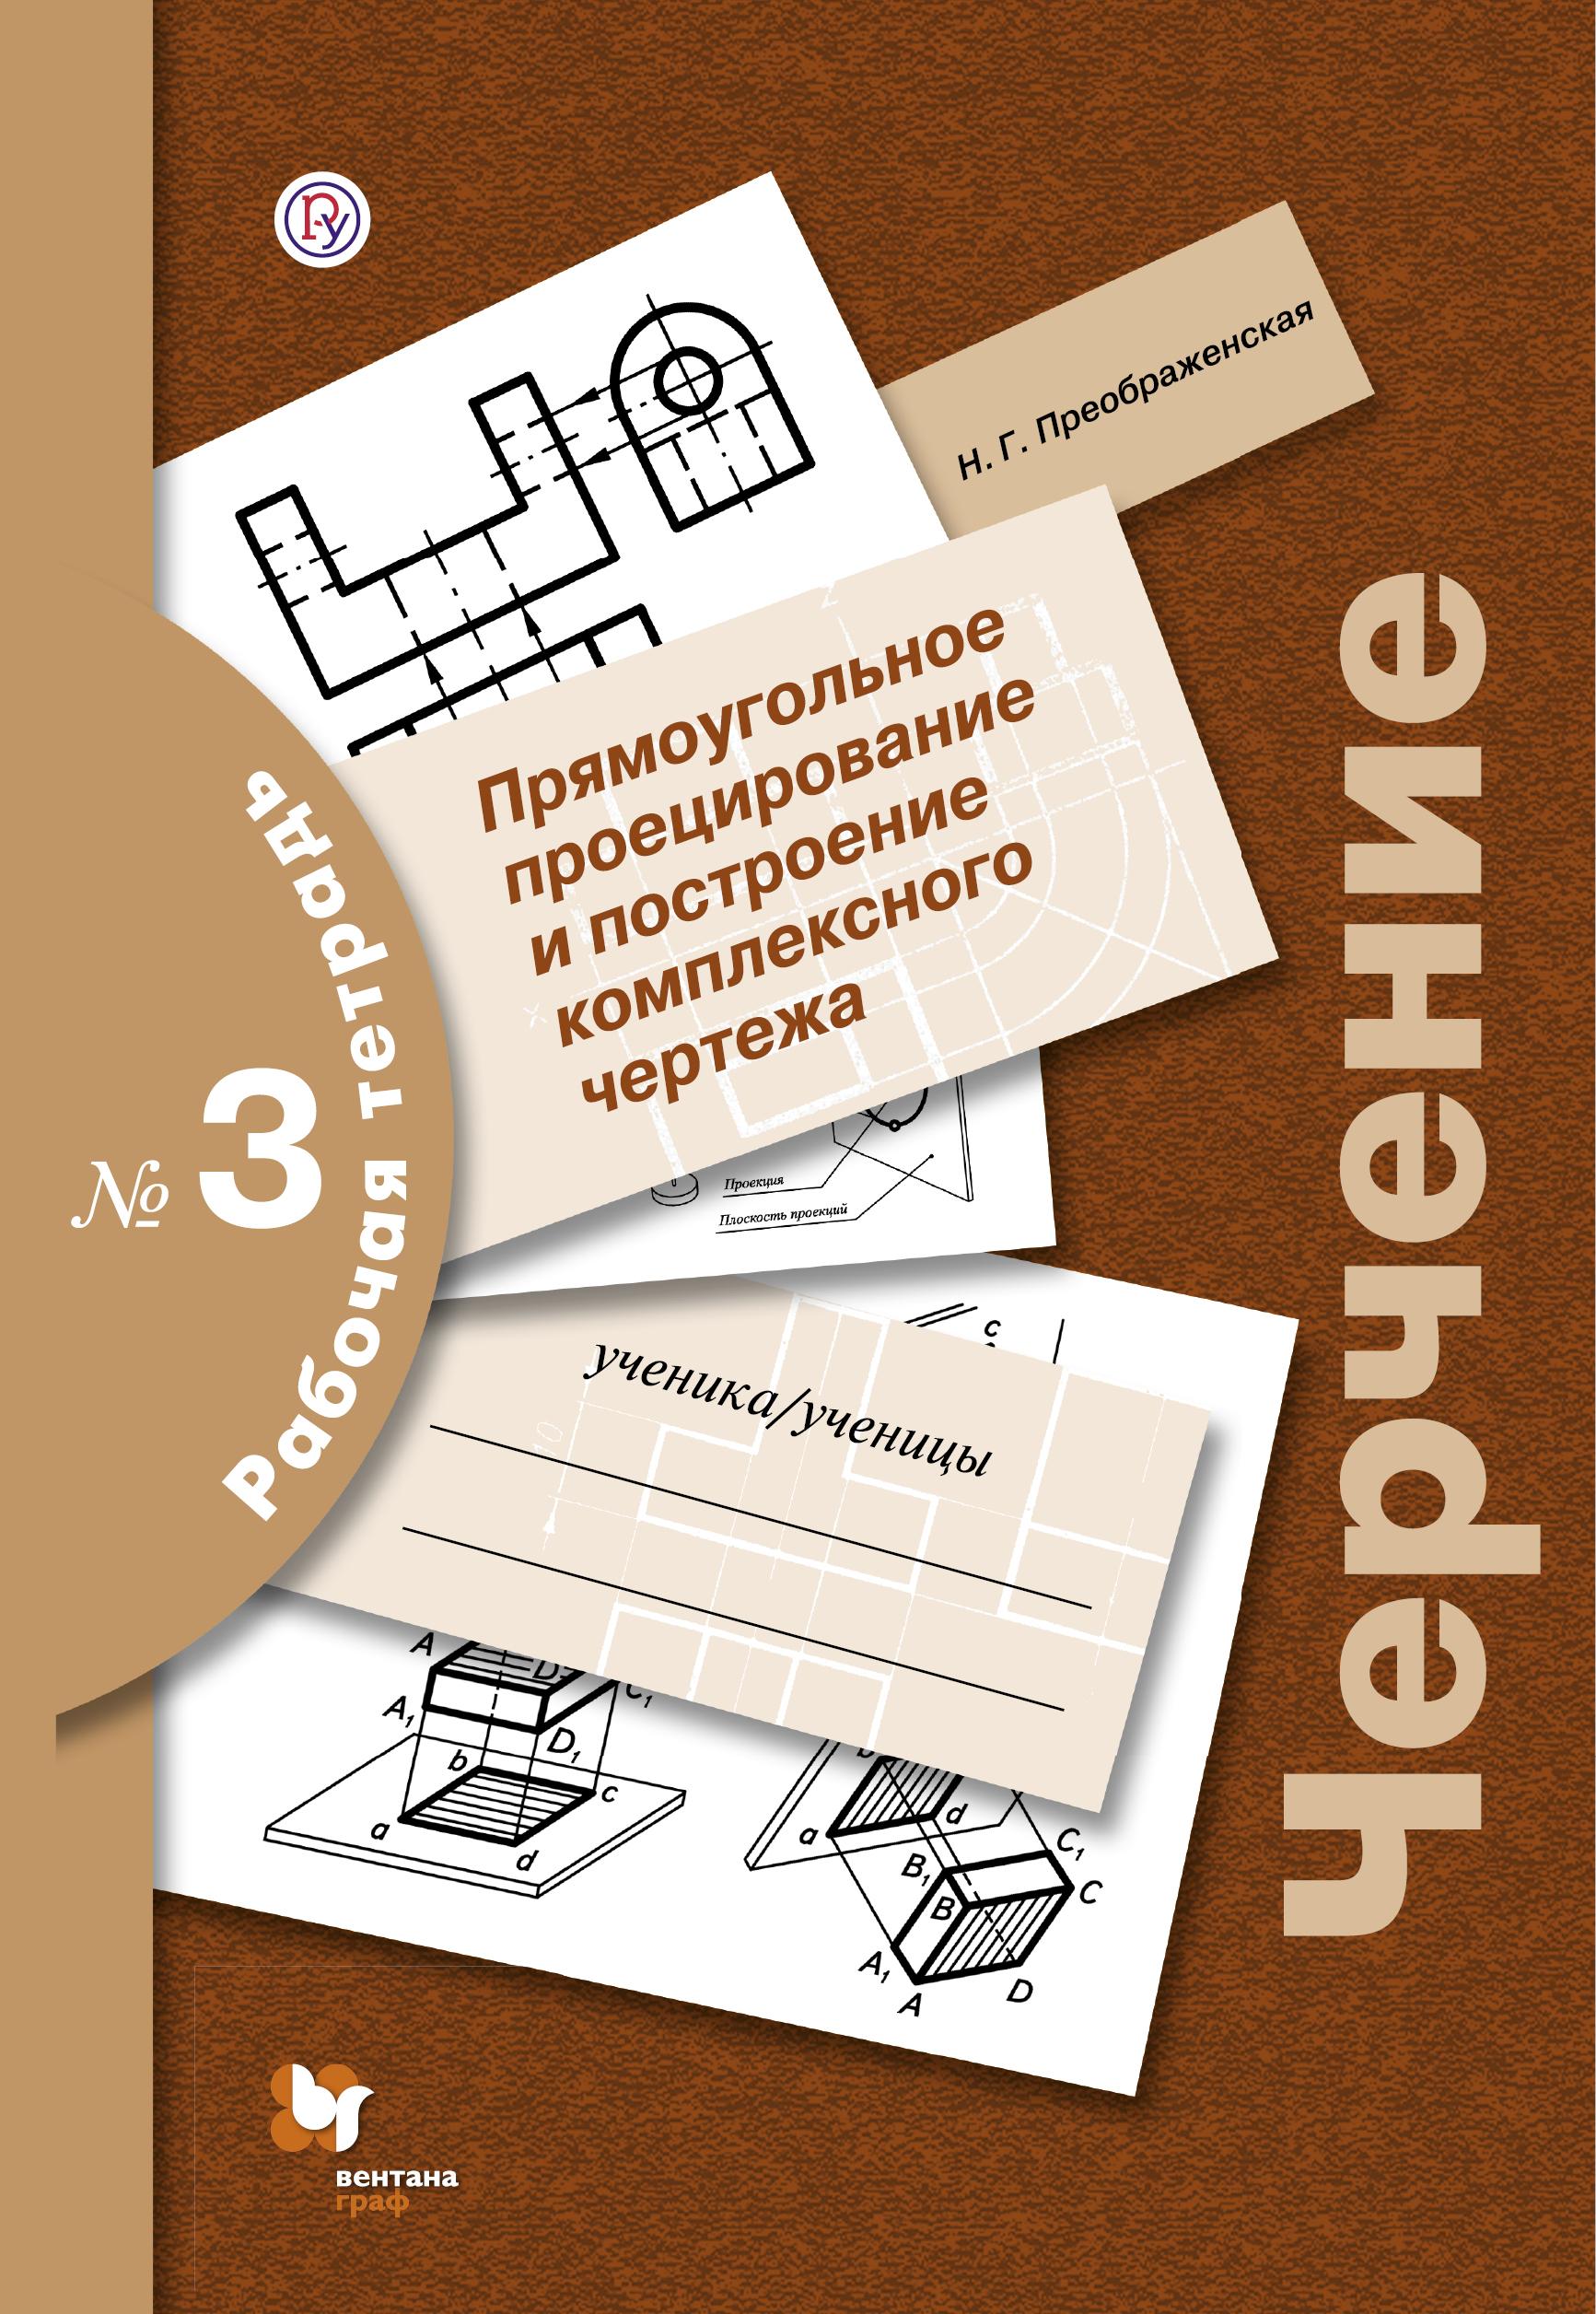 ПреображенскаяНГ Черчение № 3 Прямоугольное проецирование и построение комплексного чертежа 8-9кл Рабочая тетрадь